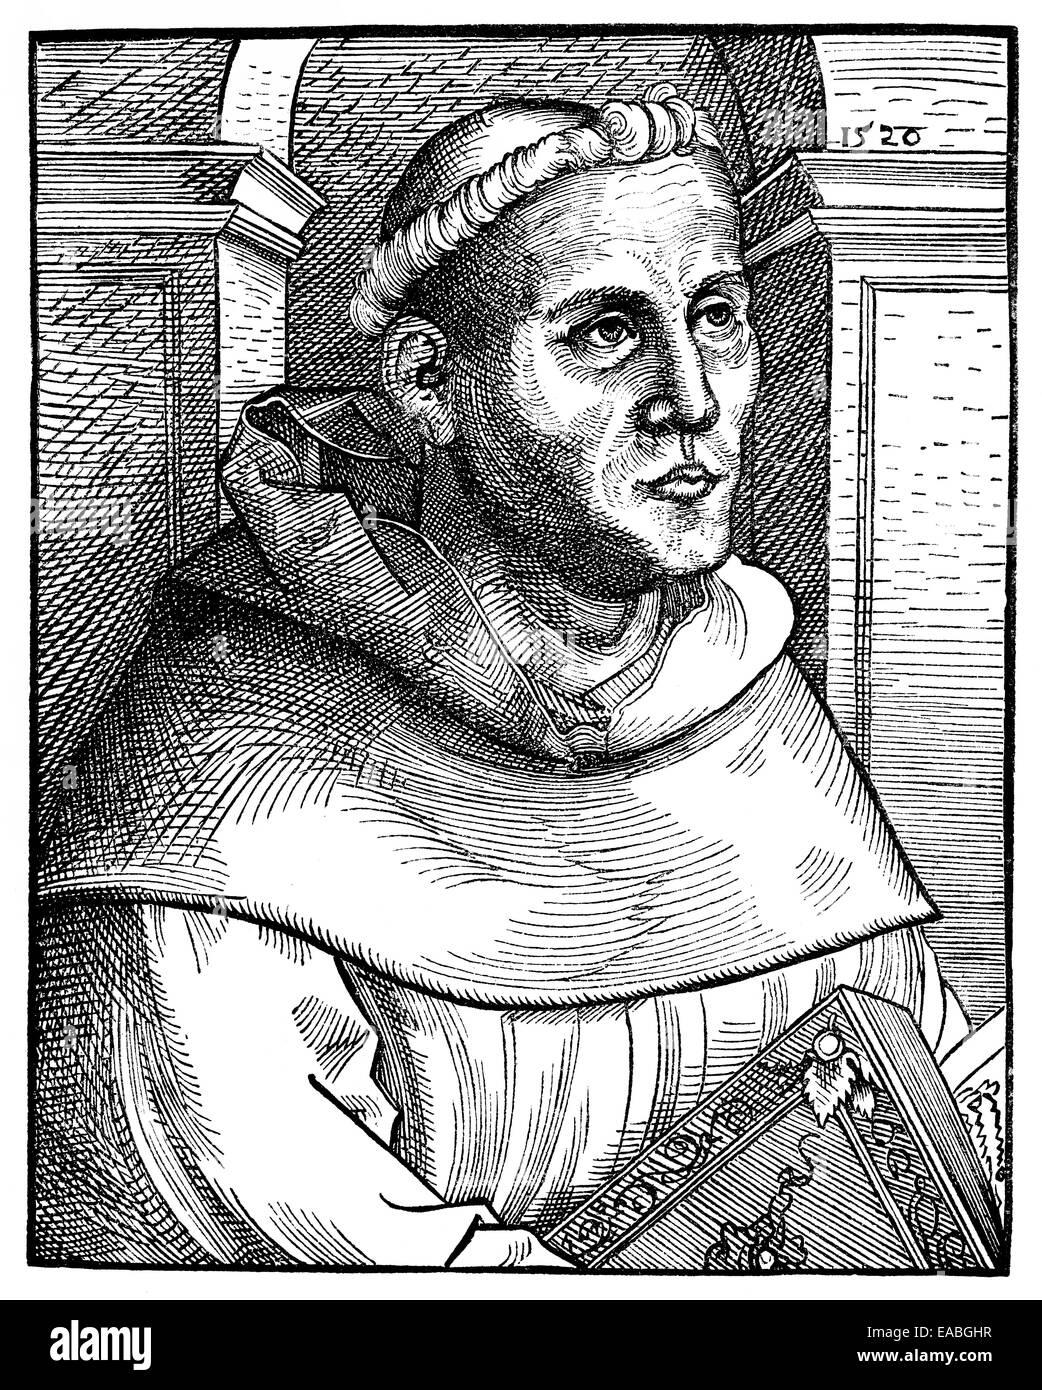 Martin Luther, 1483 - 1546, theologian and reformer, Portrait von Martin Luther, 1483 - 1546, ein deutscher Theologe - Stock Image